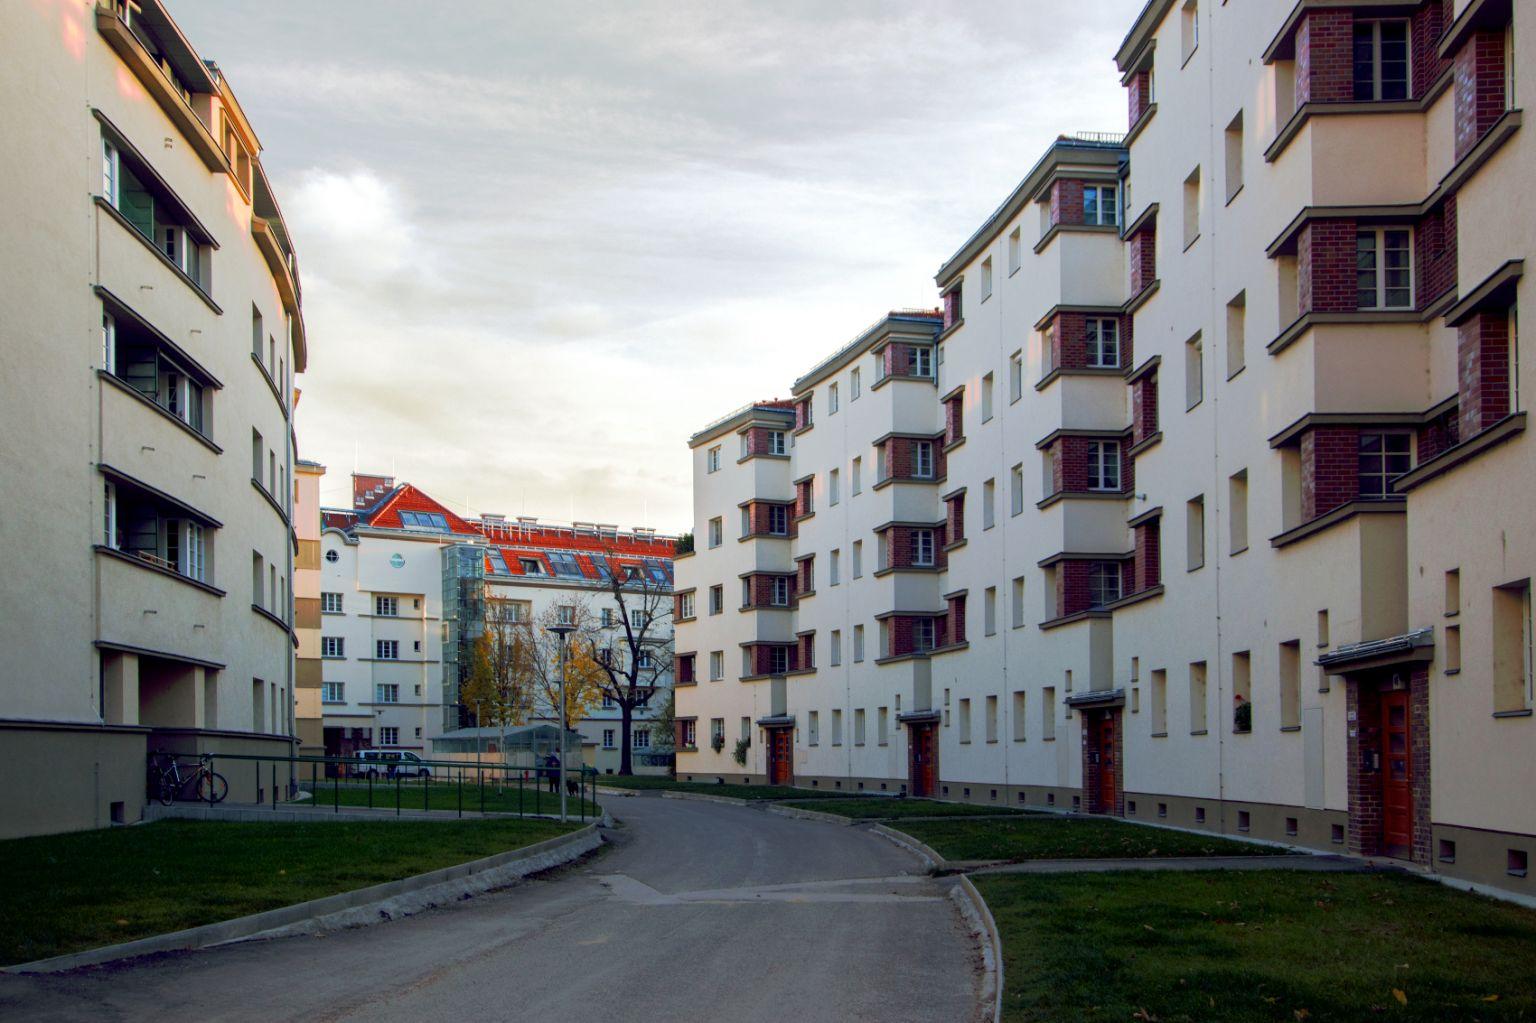 Projekte mit energieeffizienter Gebäudesanierungen gesucht